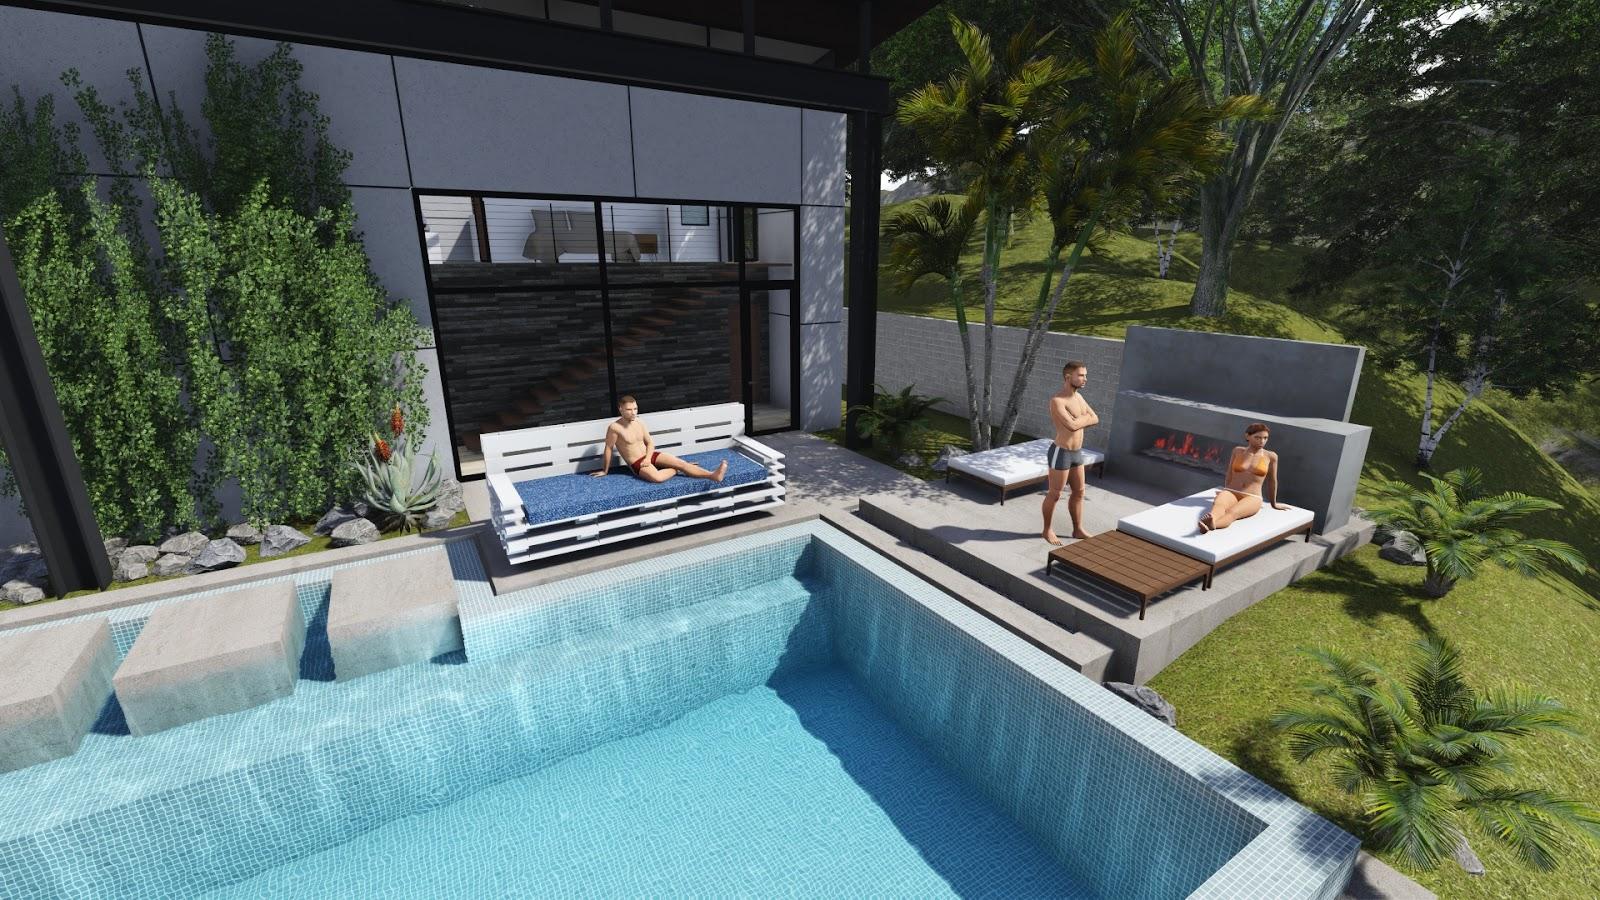 Favorito Progettare spazi verdi: Come costruire un divano con i pallet  BP03